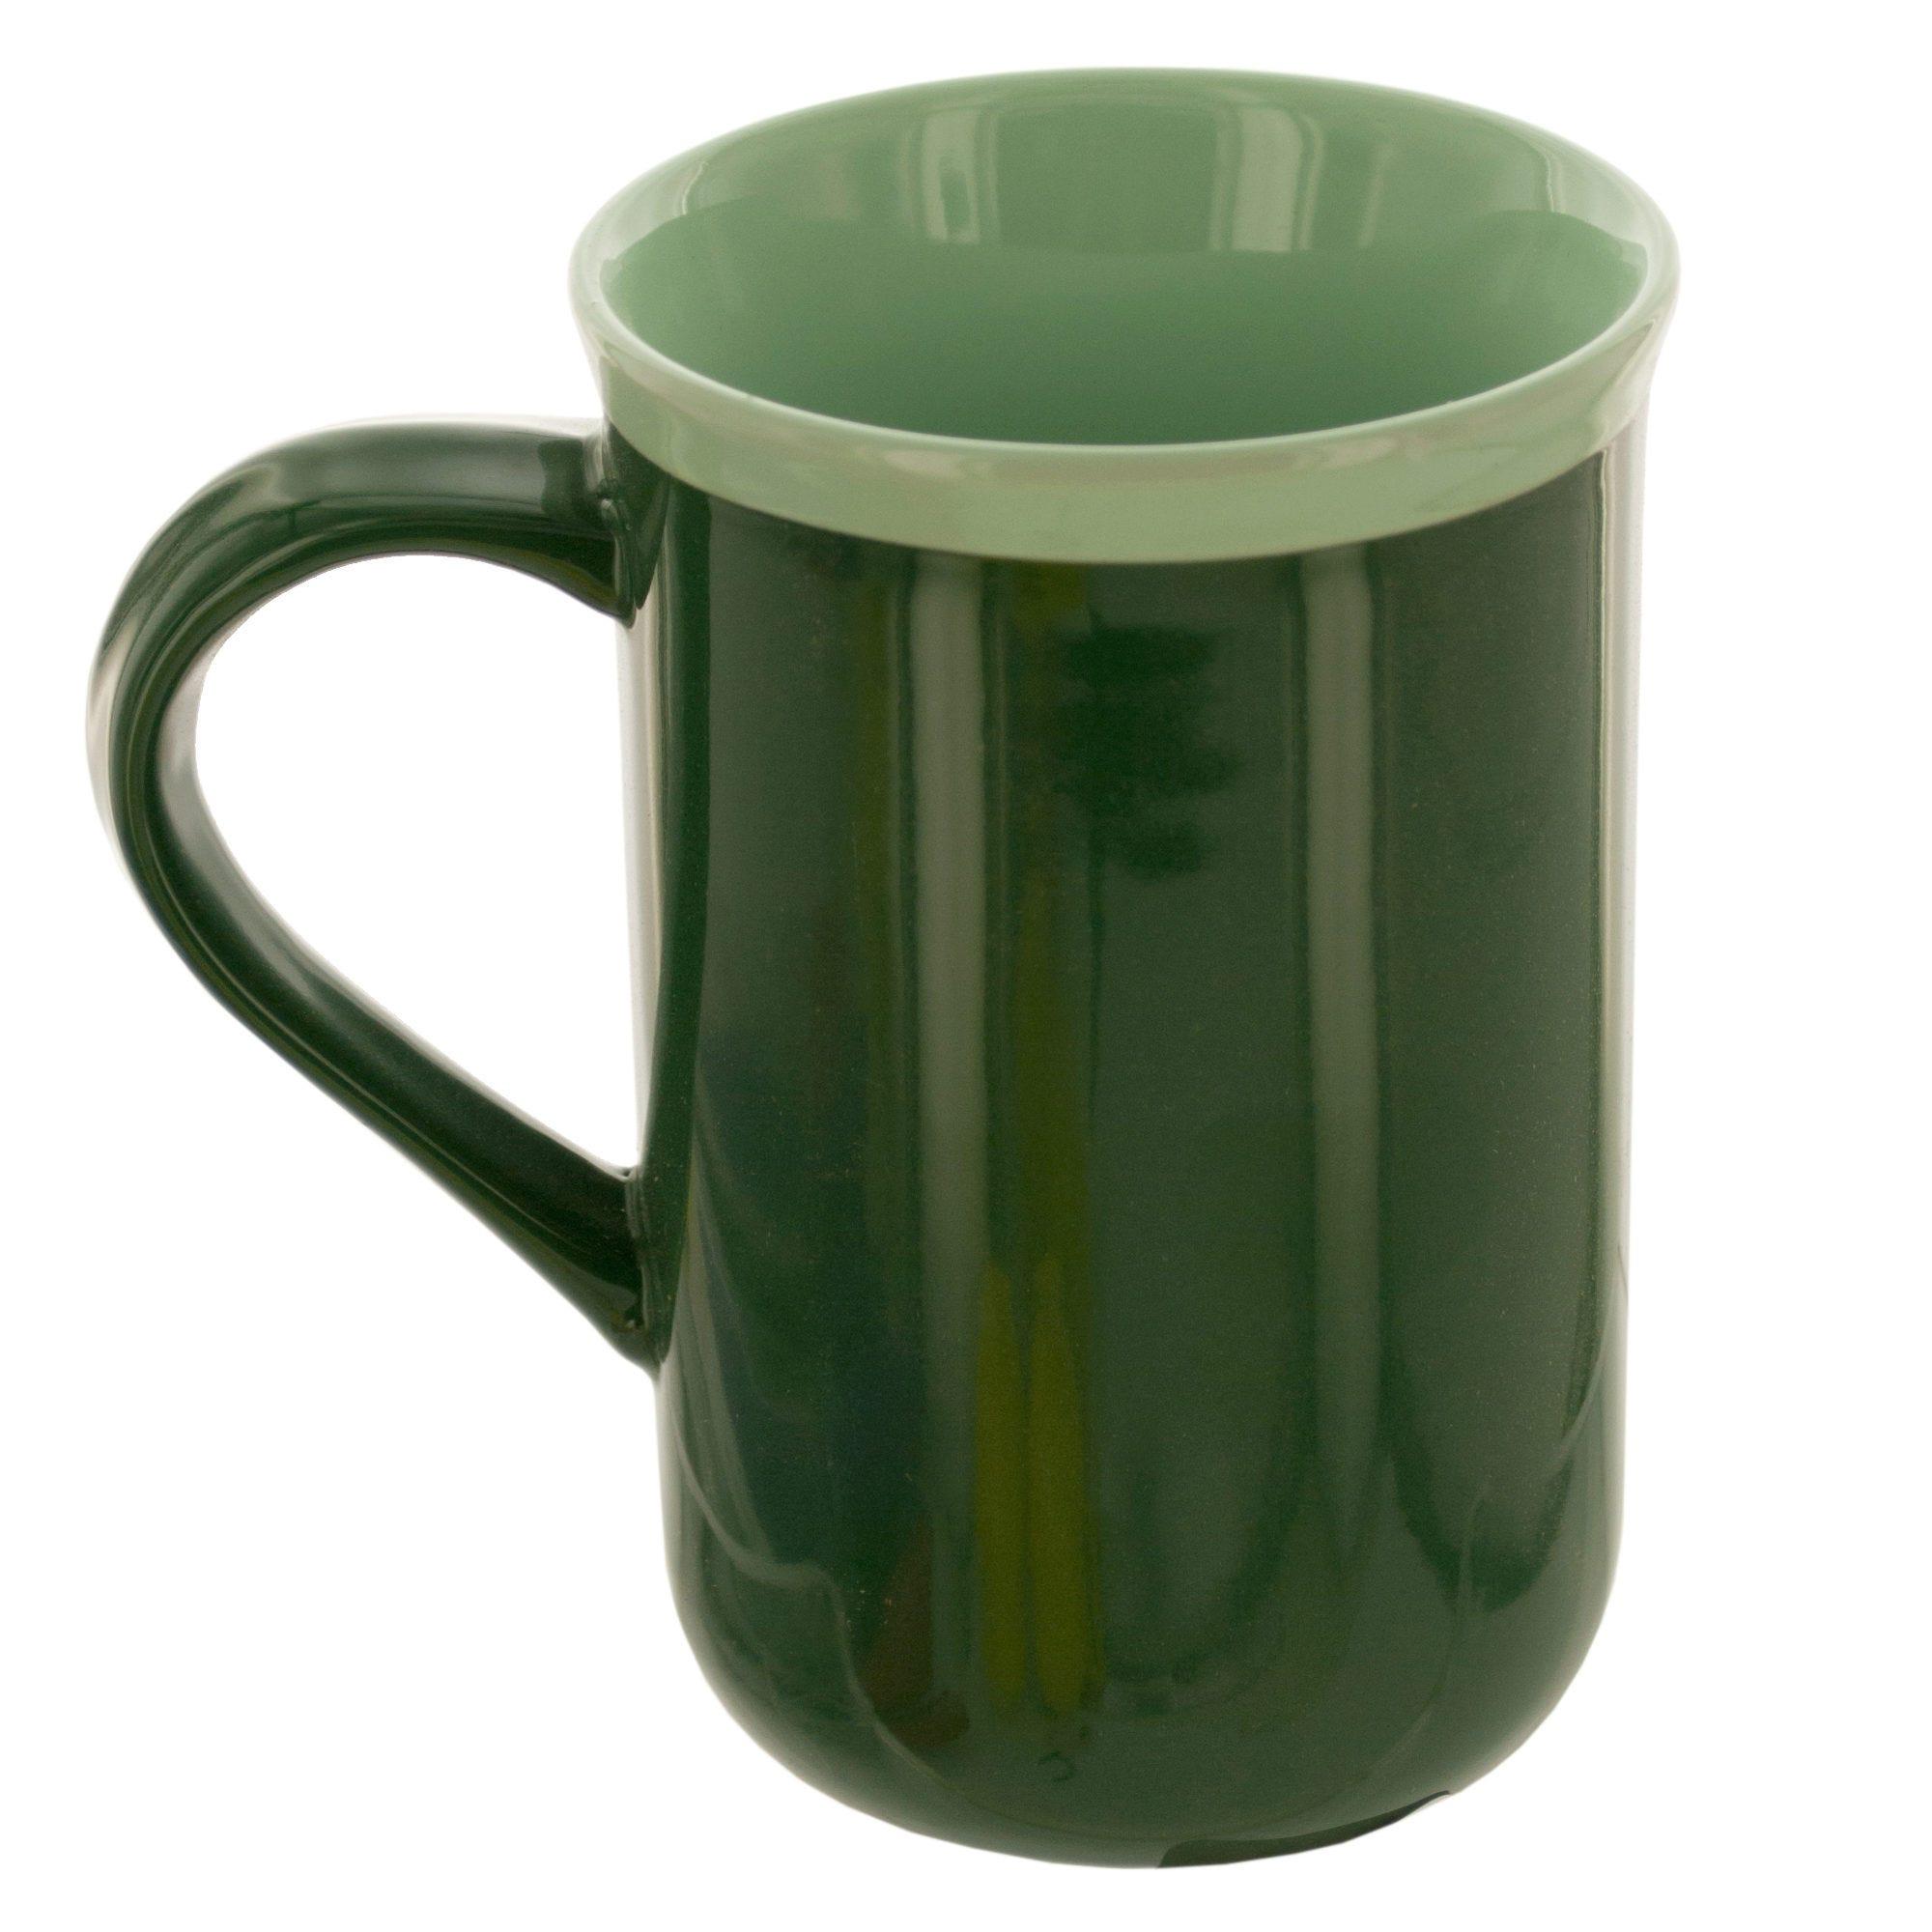 14 oz. Tall Green Ceramic MUG with Mint Rim- Qty 24